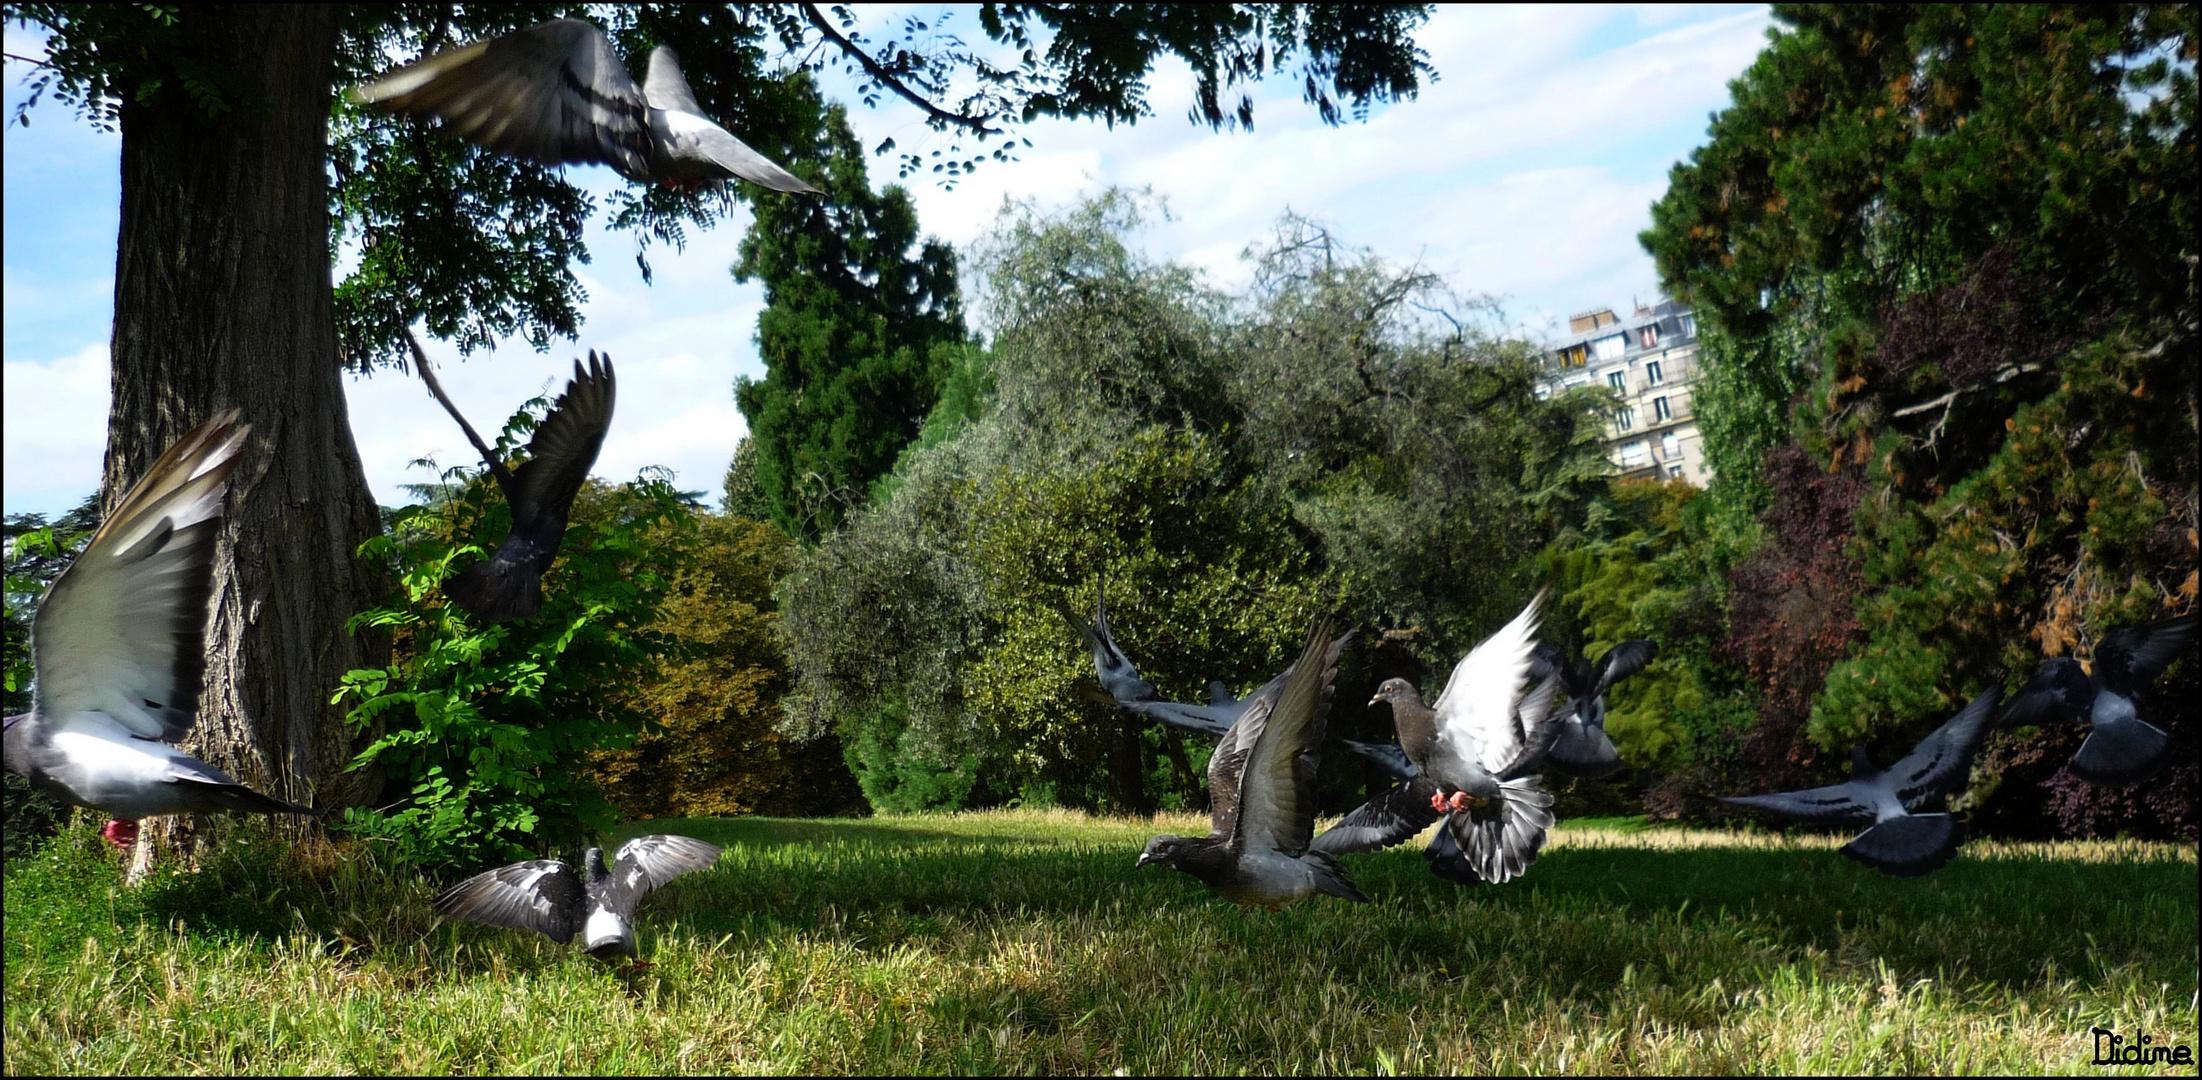 Nuée de Pigeons!